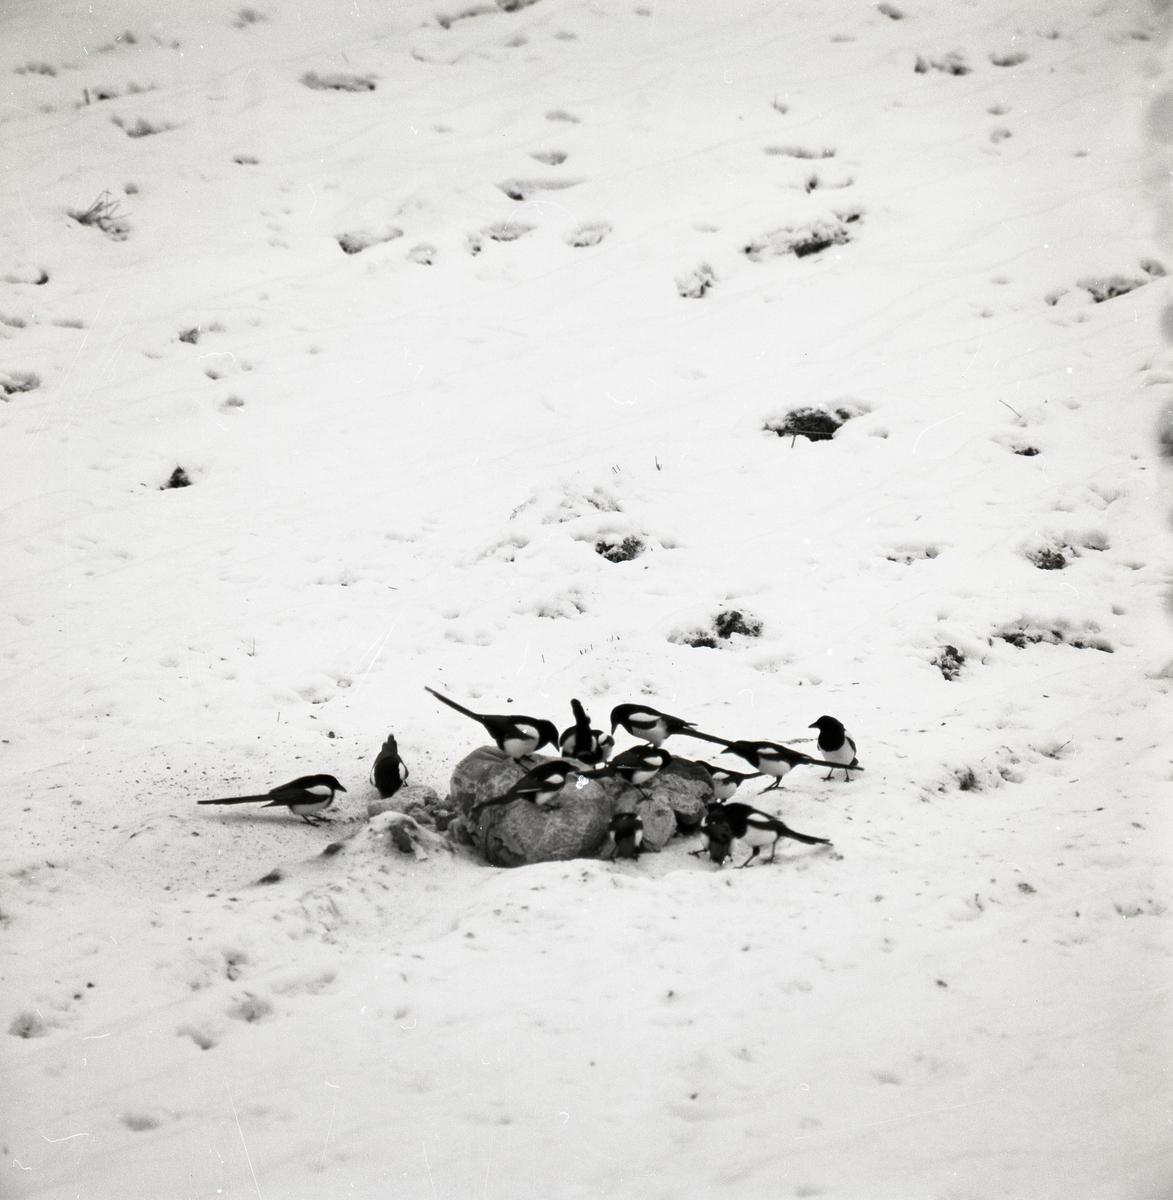 En flock skator sitter på talgbollar i snön.